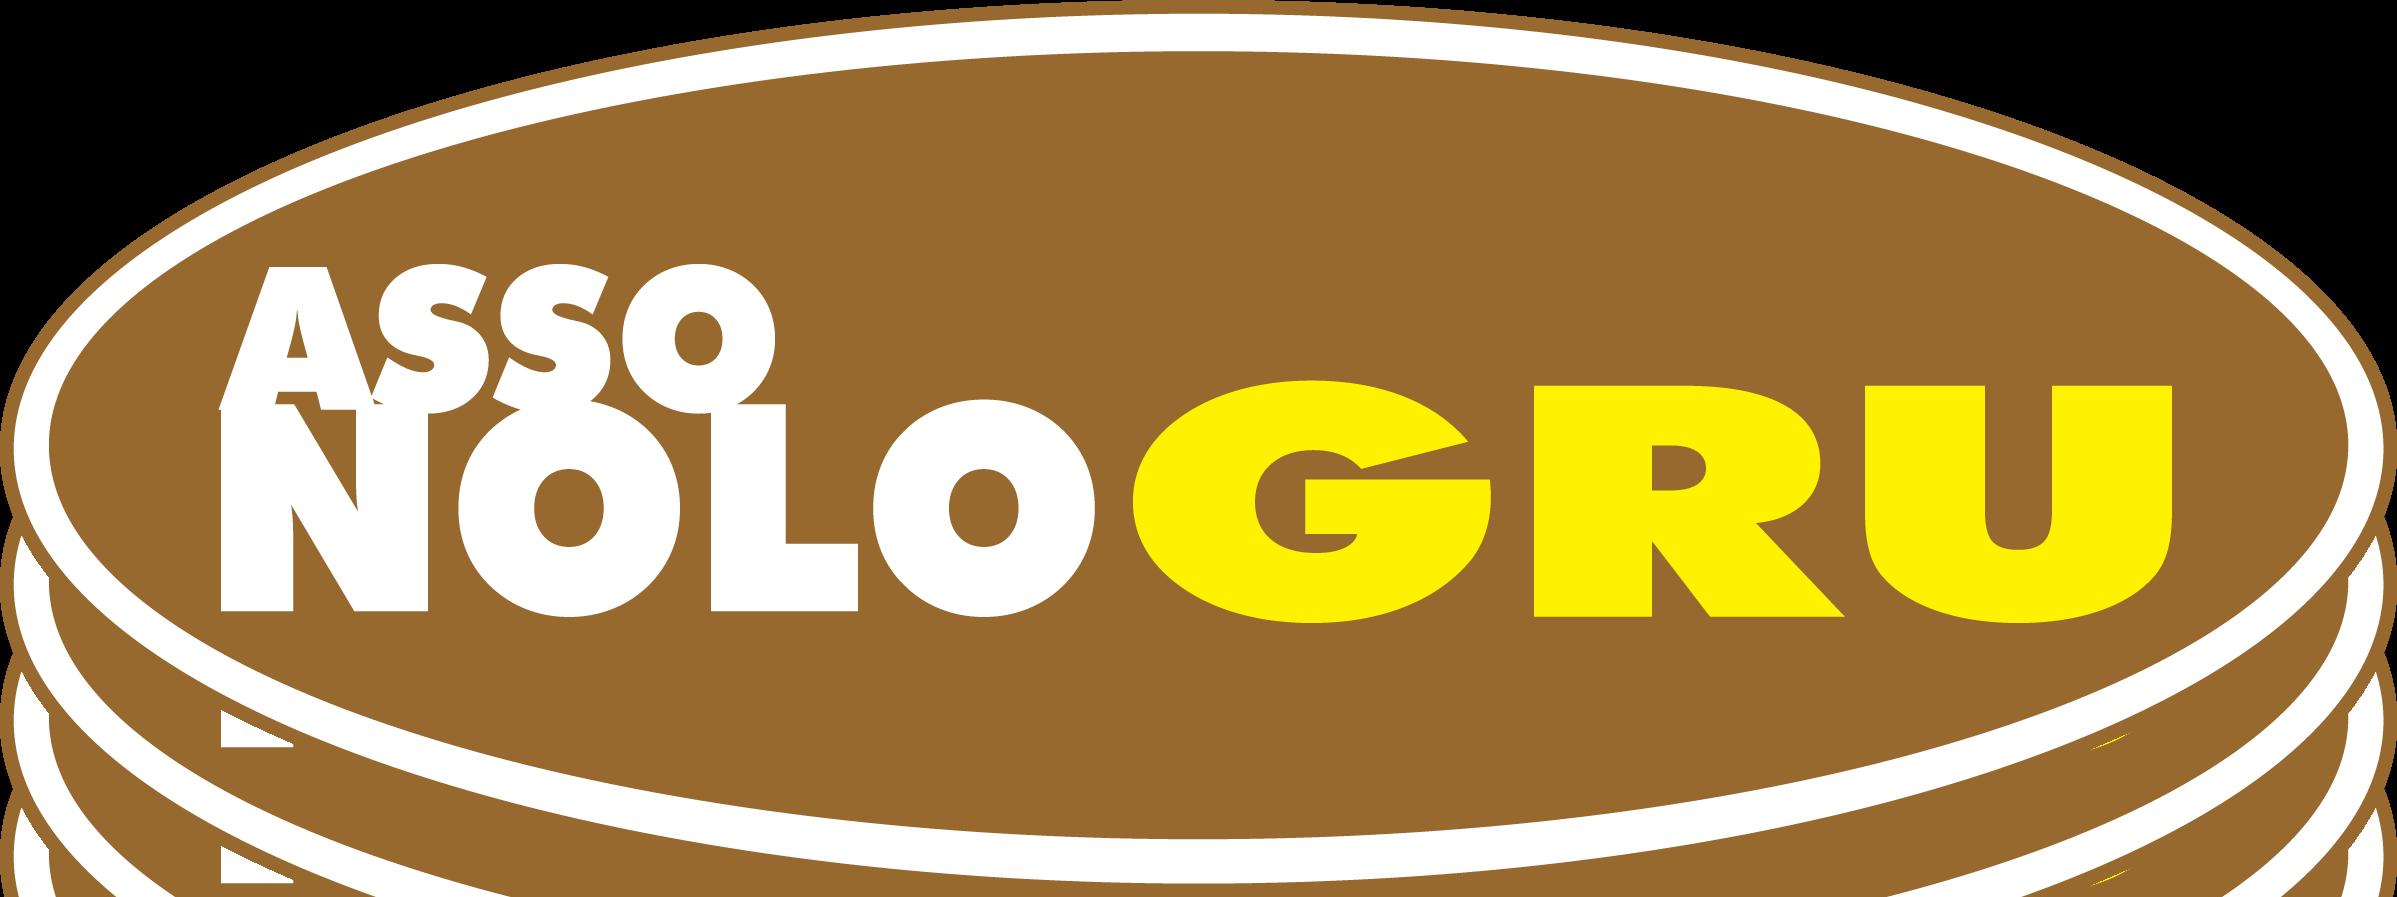 Scopri dove noleggiare Gru e Autogru. Assodimi garantisce professionalità e rispetto dei corretti processi di noleggio.